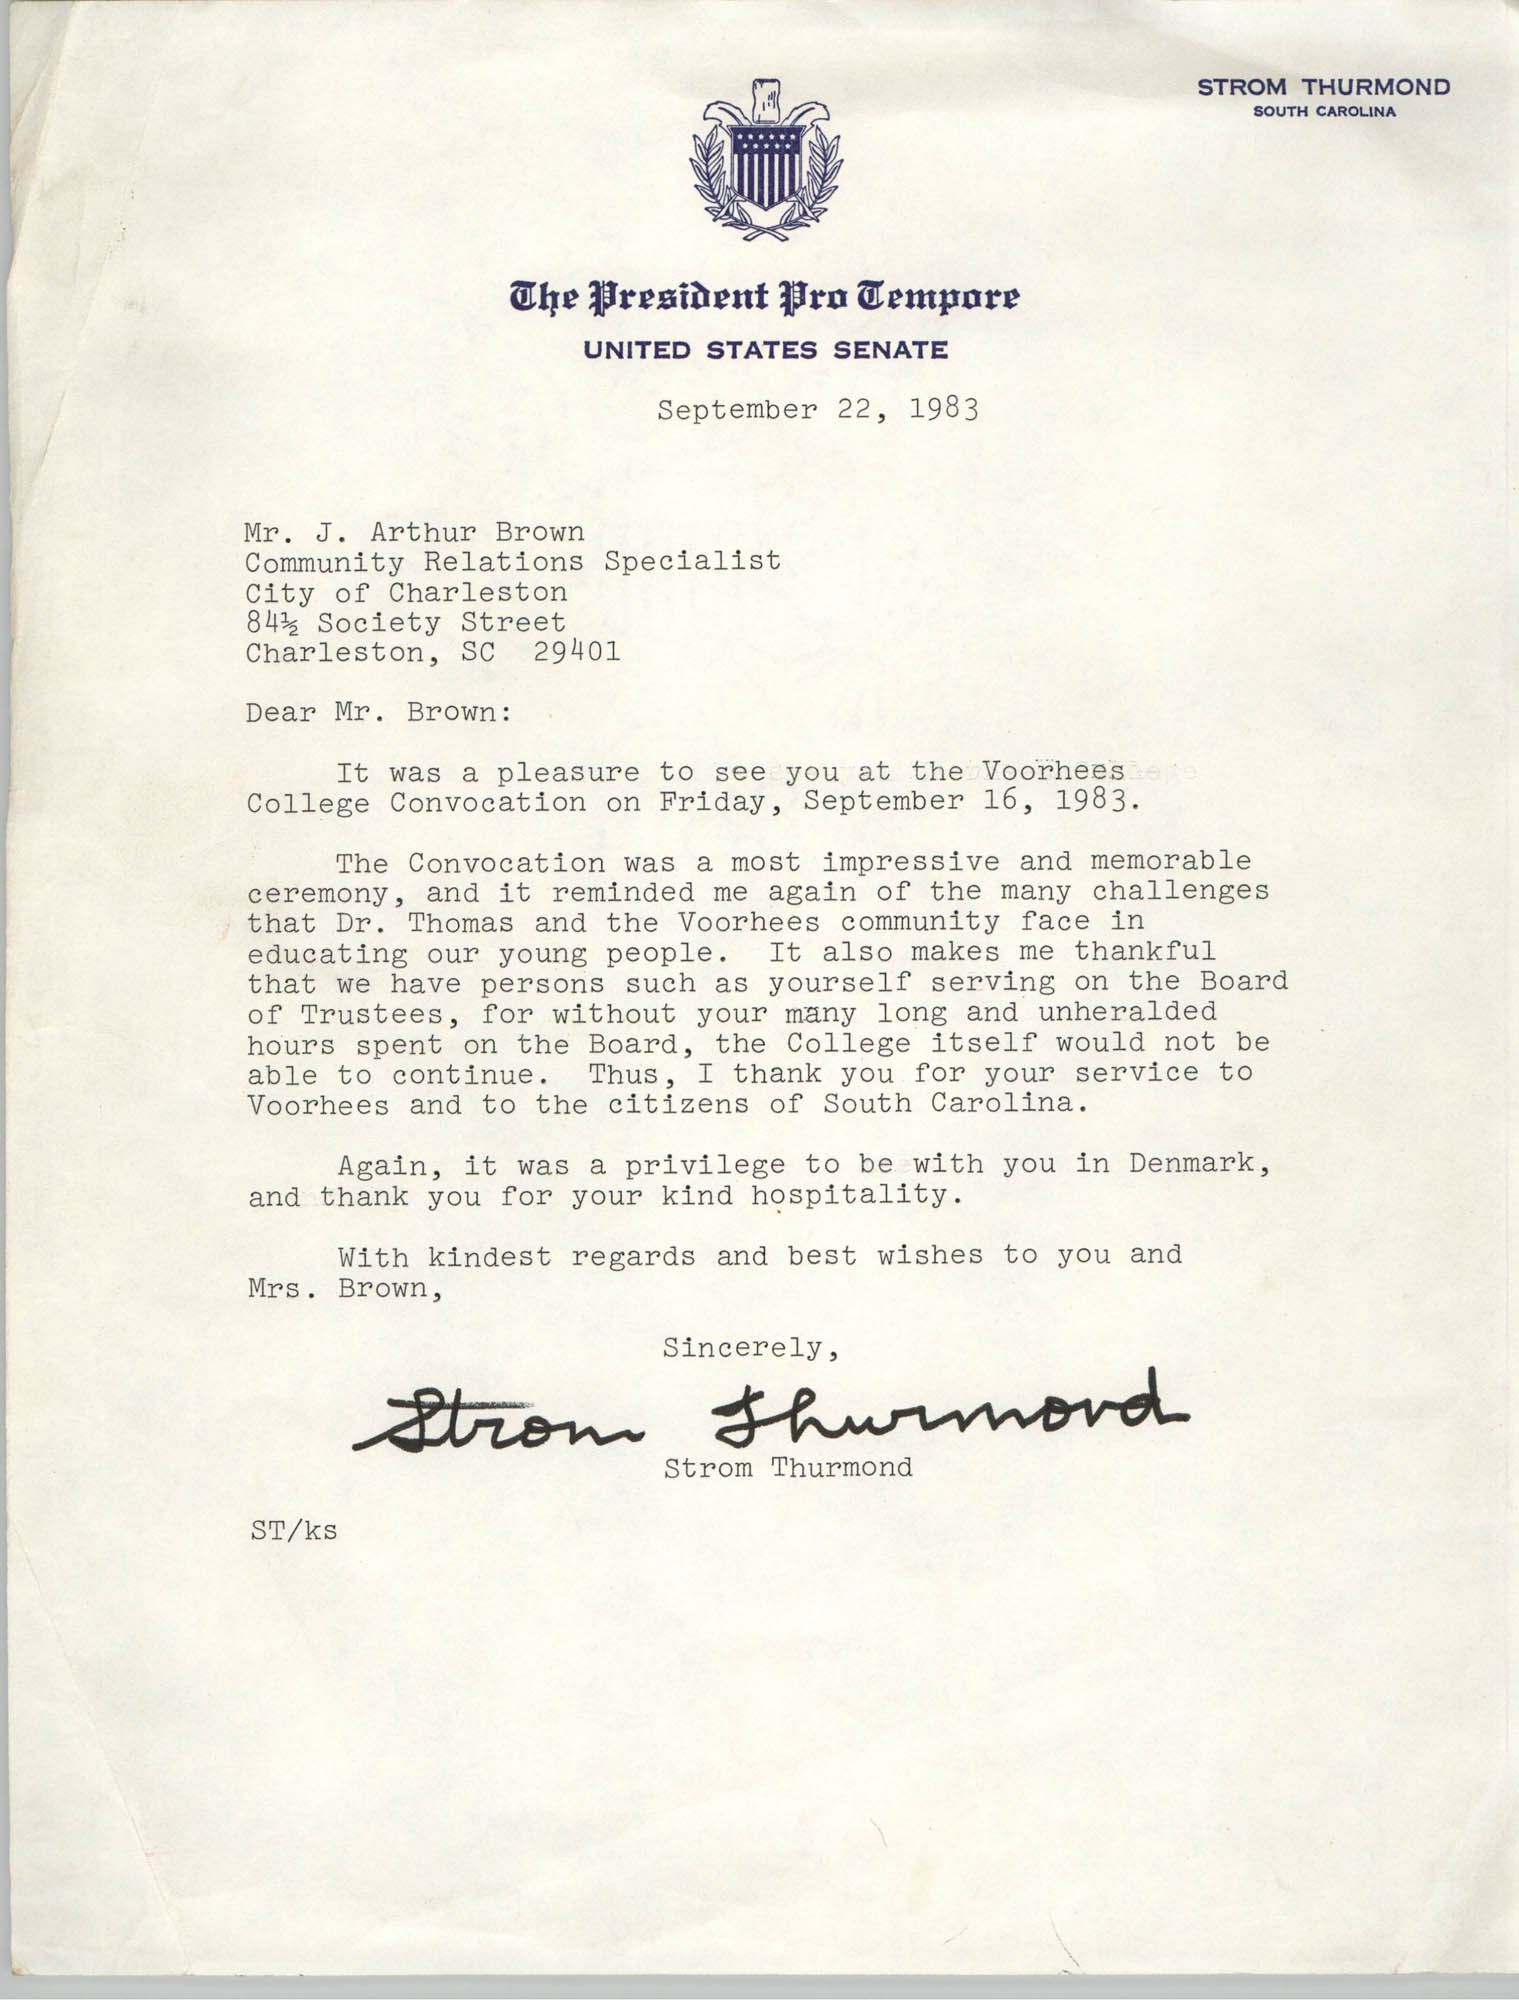 Letter from Strom Thurmond to J. Arthur Brown, September 22, 1983